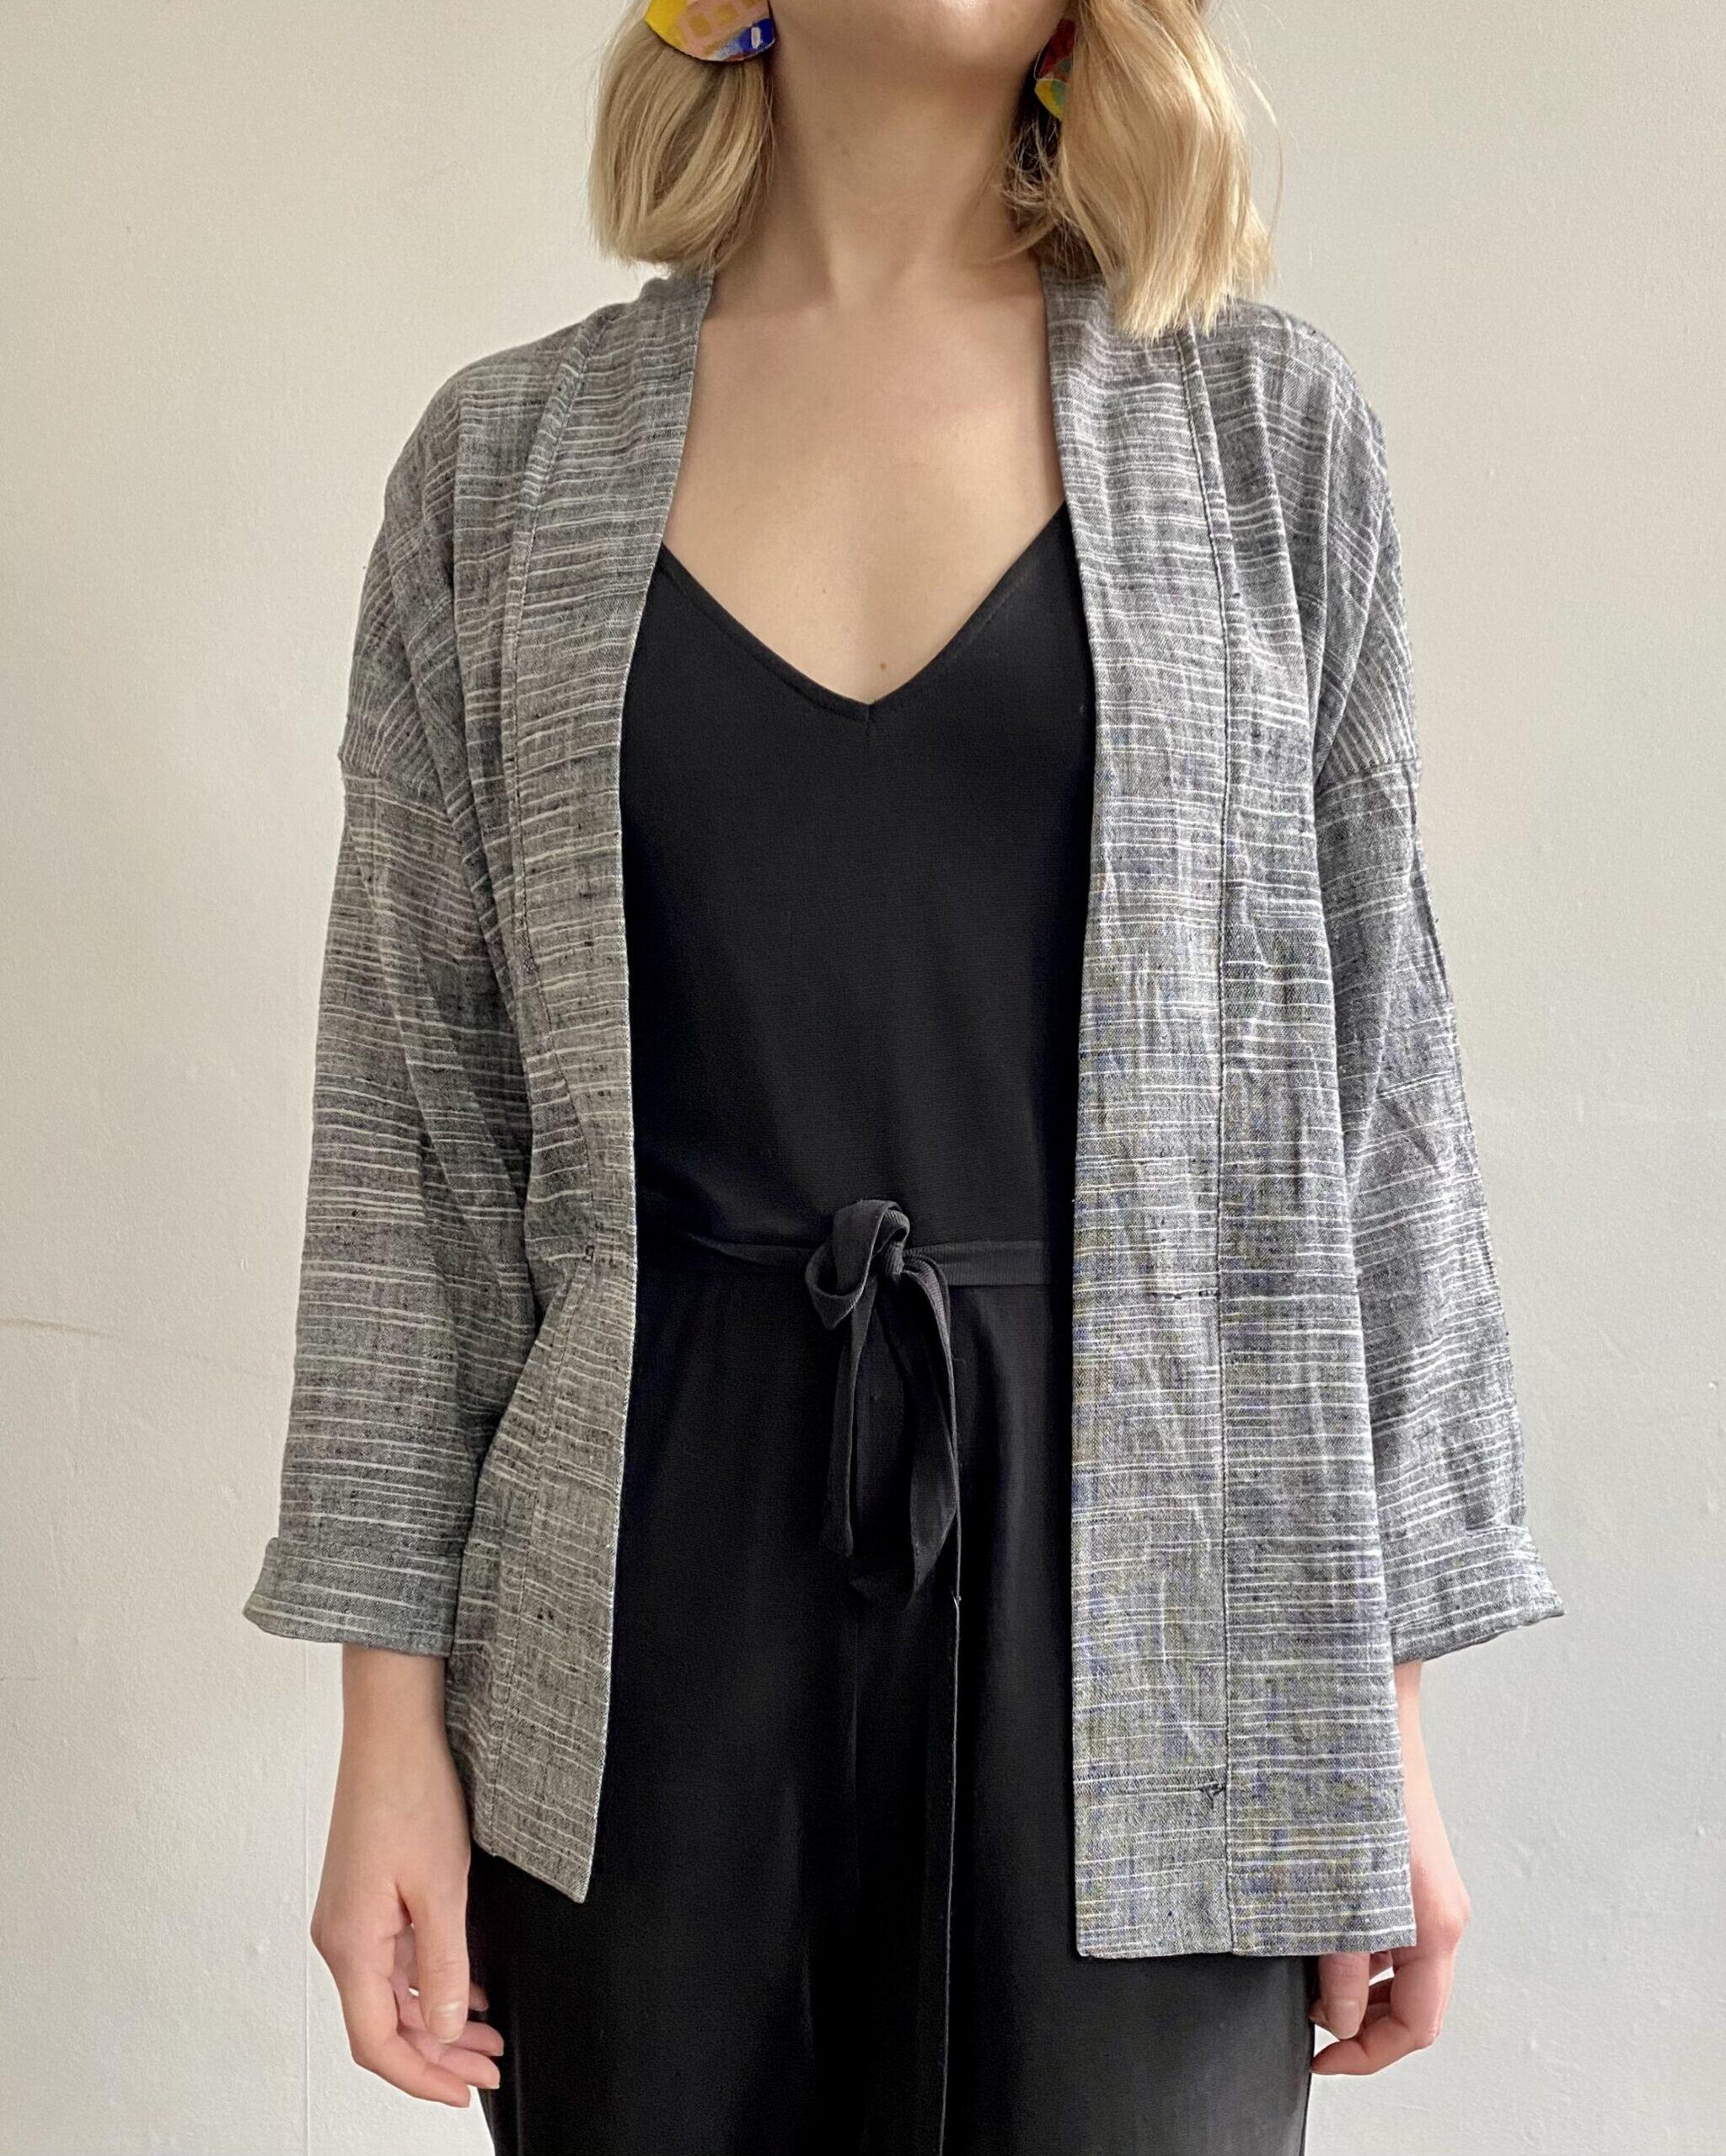 Handwoven jacket fair trade grey organic cotton